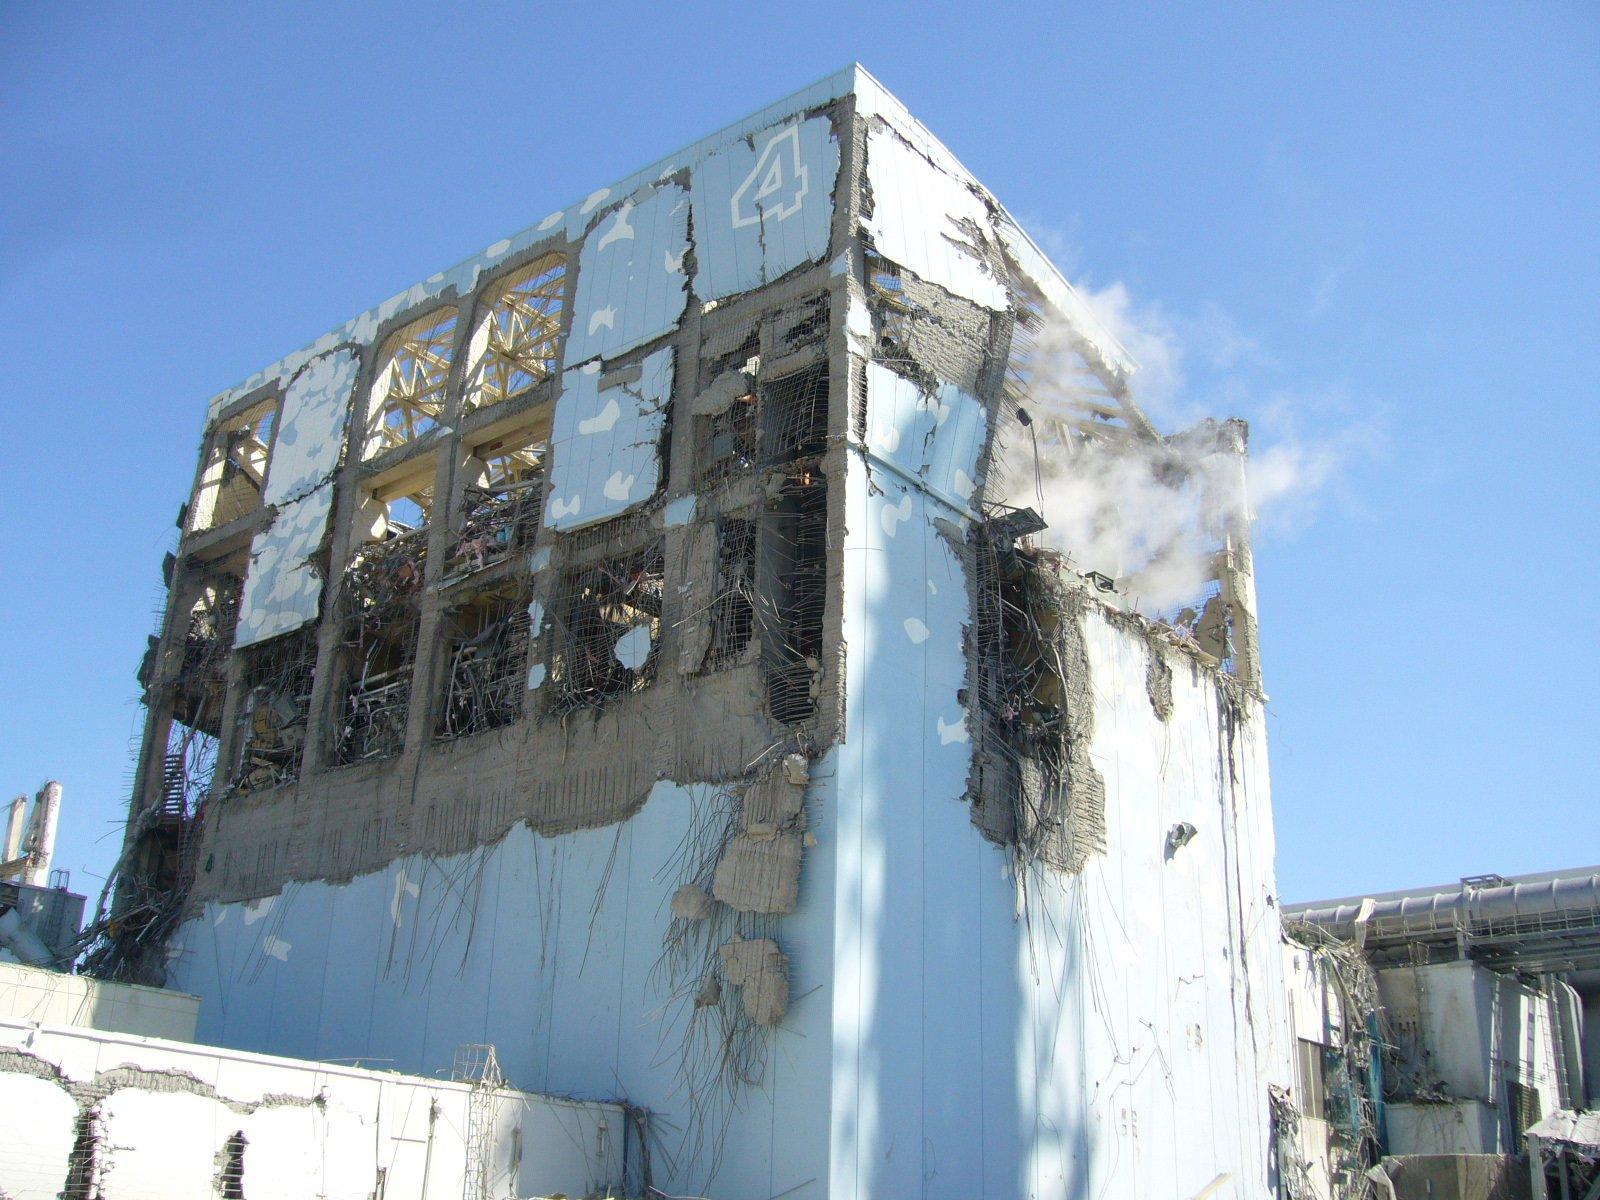 Zerstörtes Gebäude im Atomkomplex Fukushima 2013: Noch zwei Jahre nach dem Atomunglück ist stark verstrahlter Staub in die Umgebung verweht worden.